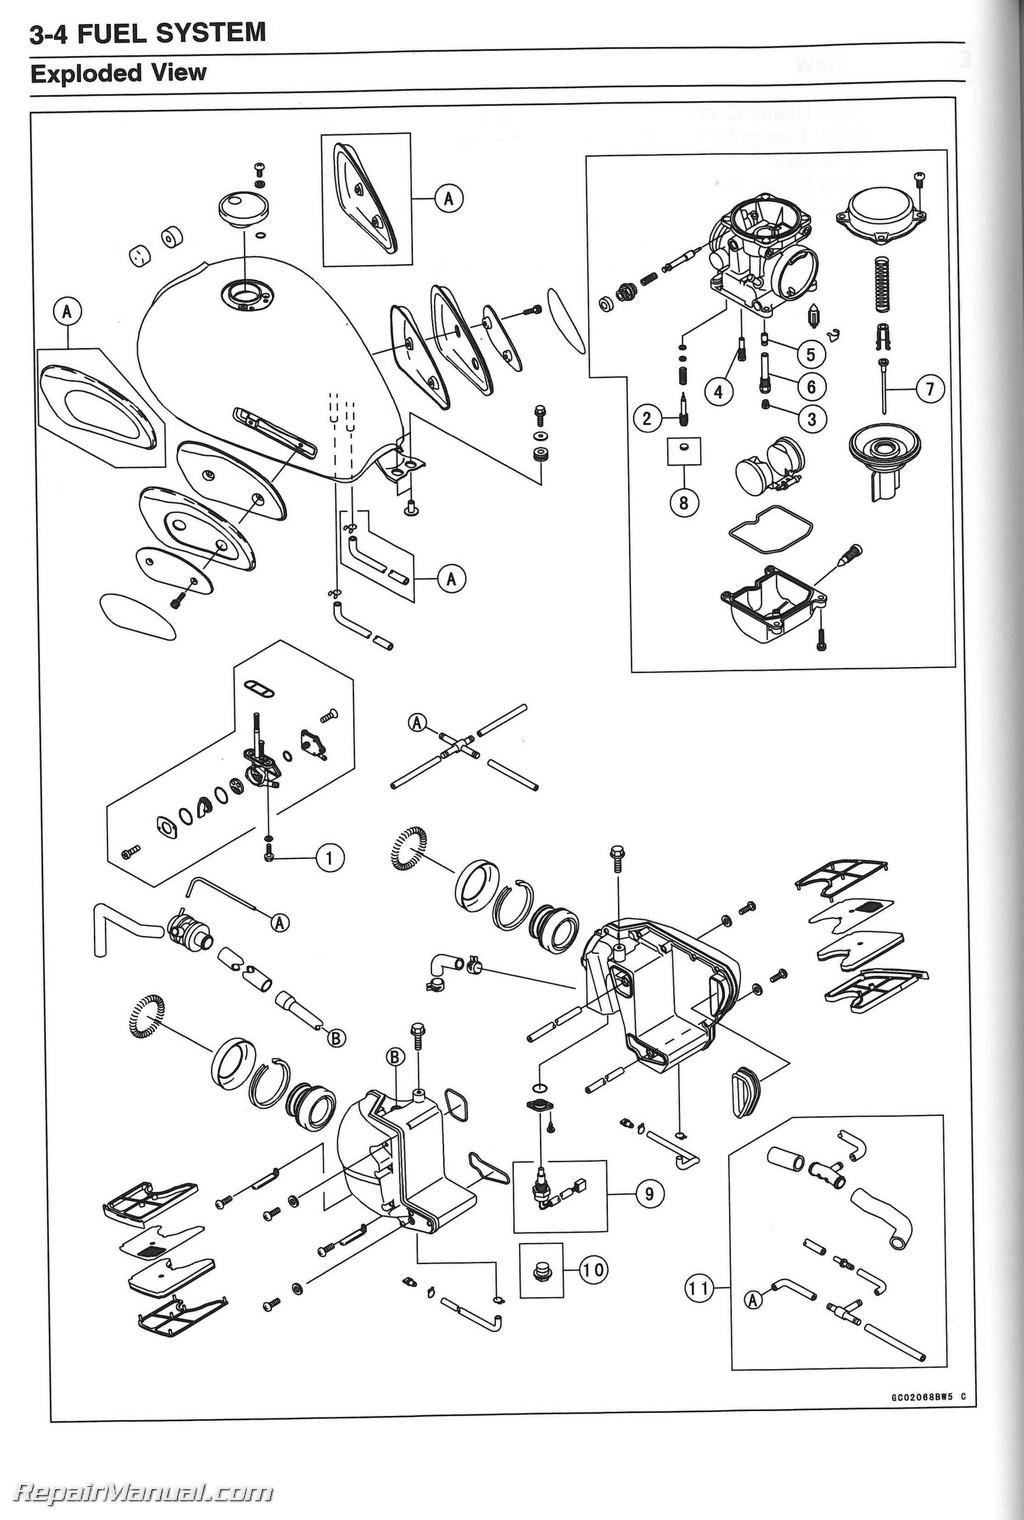 kawasaki w650 service manual enthusiast wiring diagrams